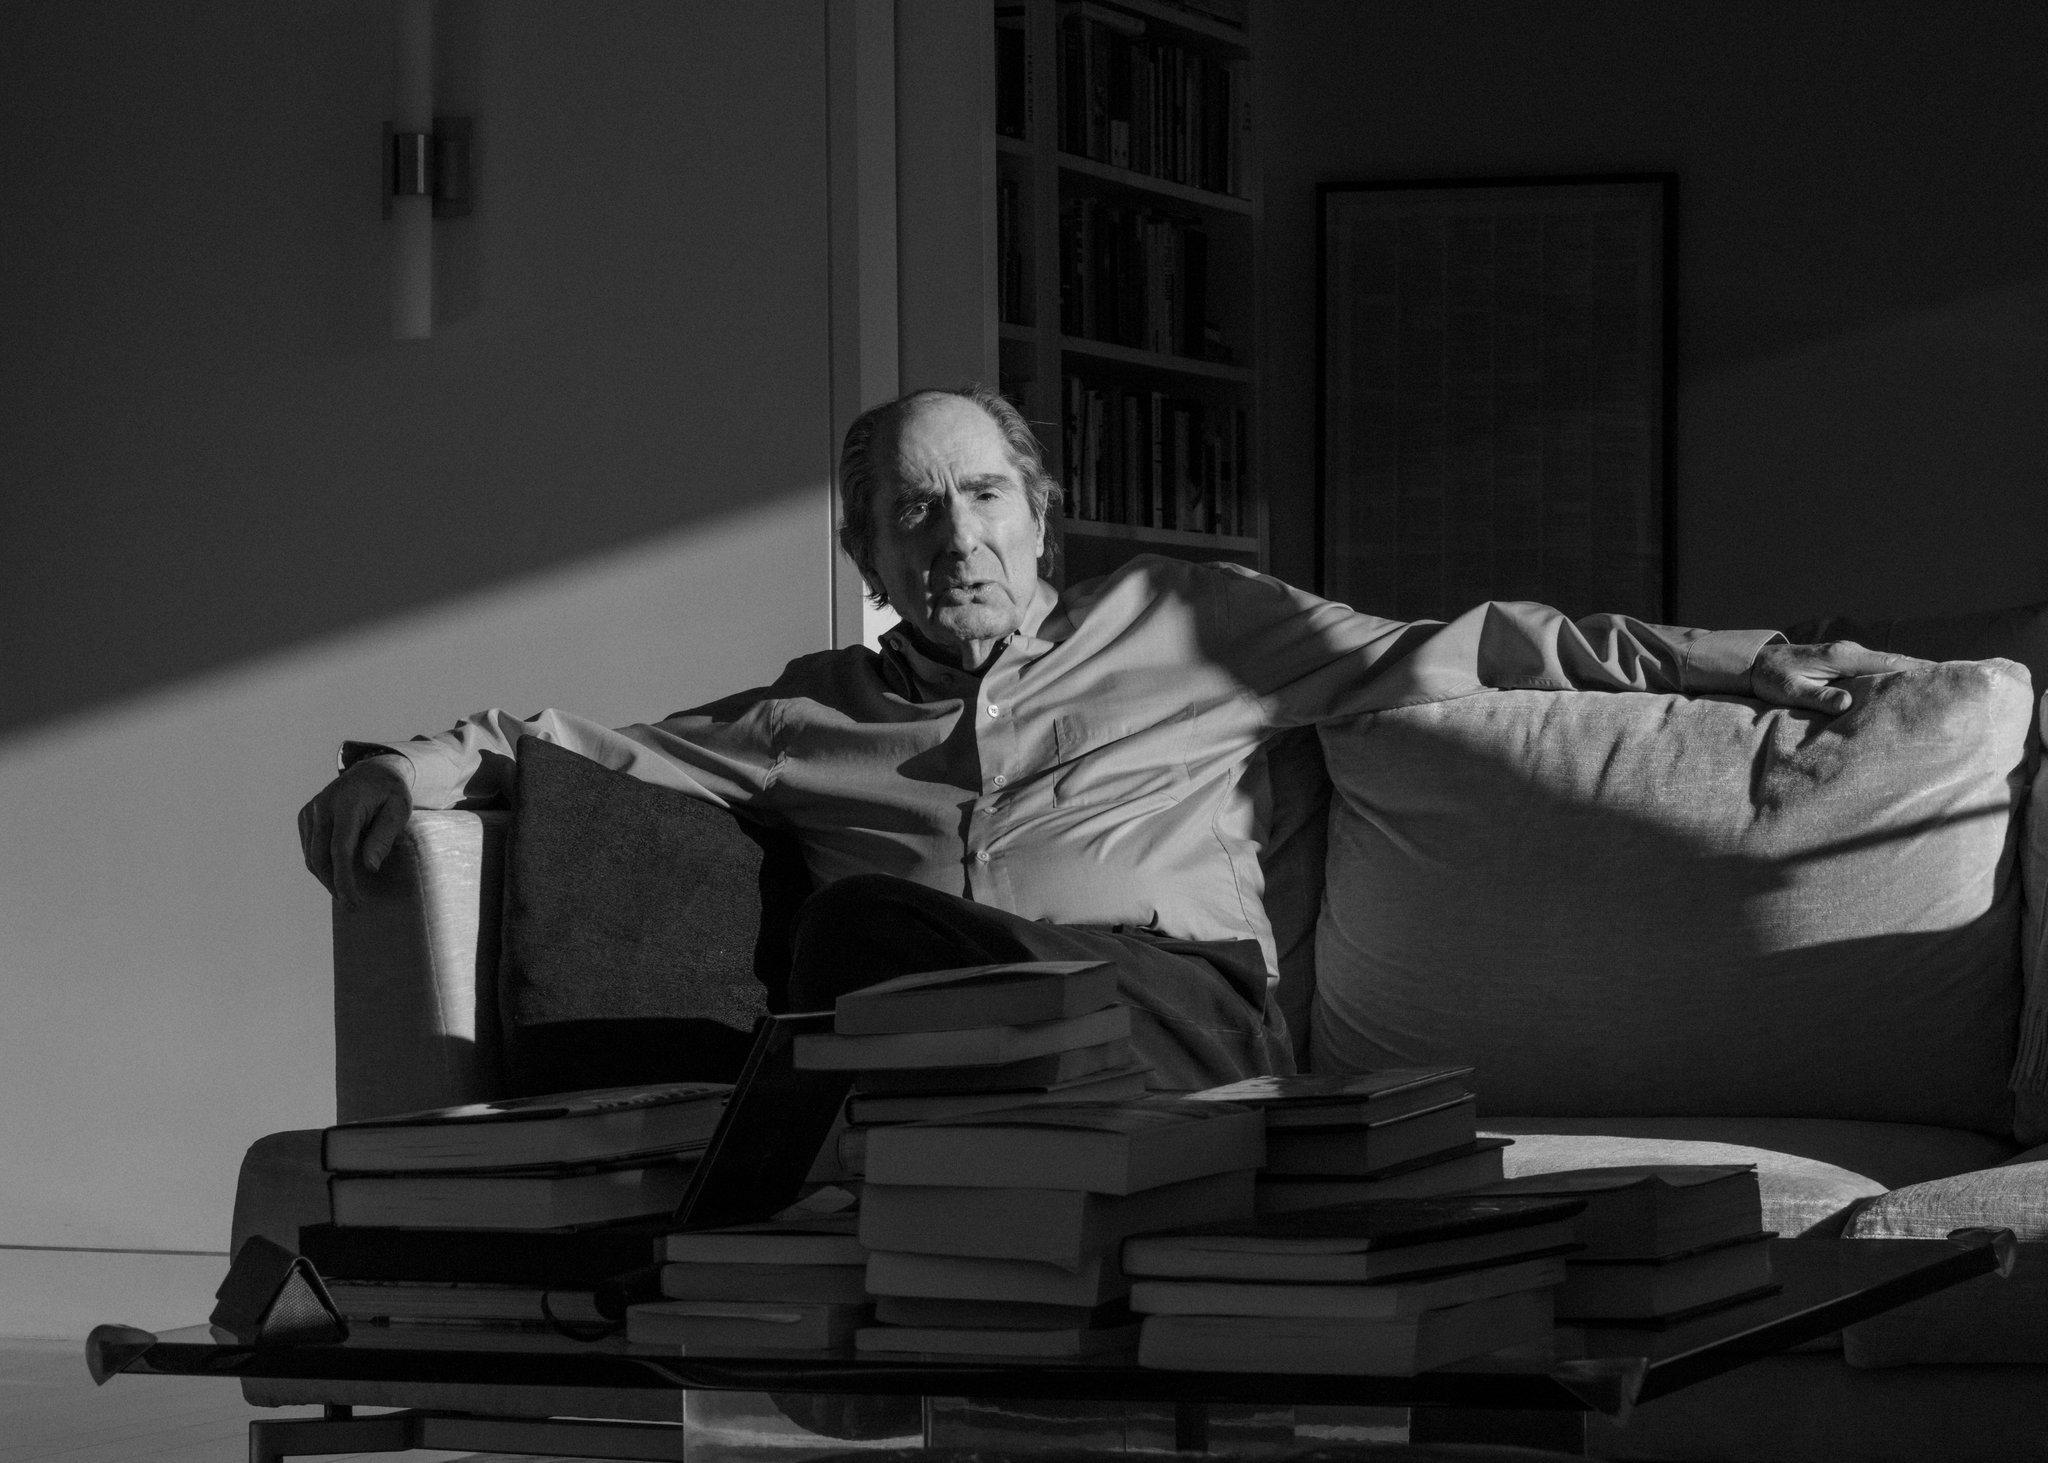 المقابلة: فيليب روث لا يزال لديه الكثير ليقوله (ترجمة)